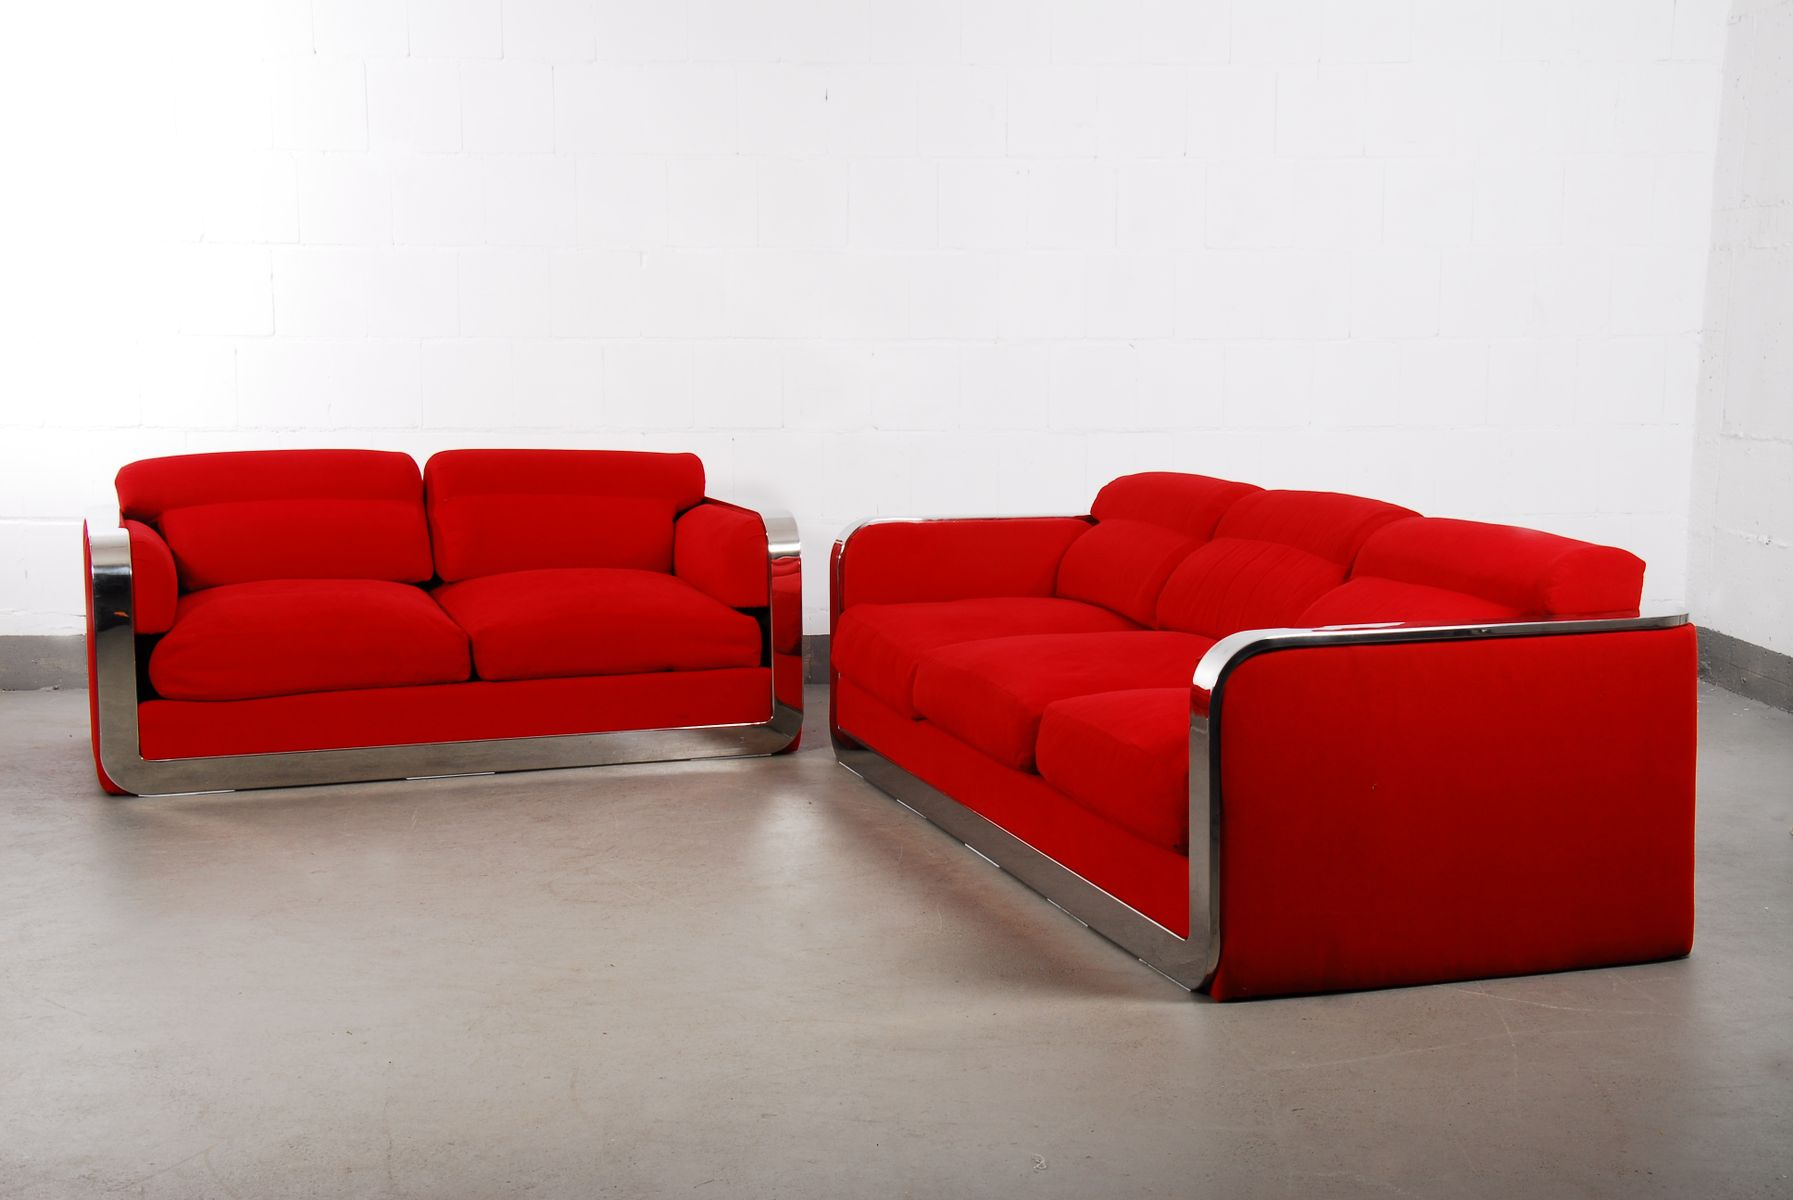 italienisches vintage zwei sitzer drei sitzer sofa set von dada industrial design bei pamono. Black Bedroom Furniture Sets. Home Design Ideas